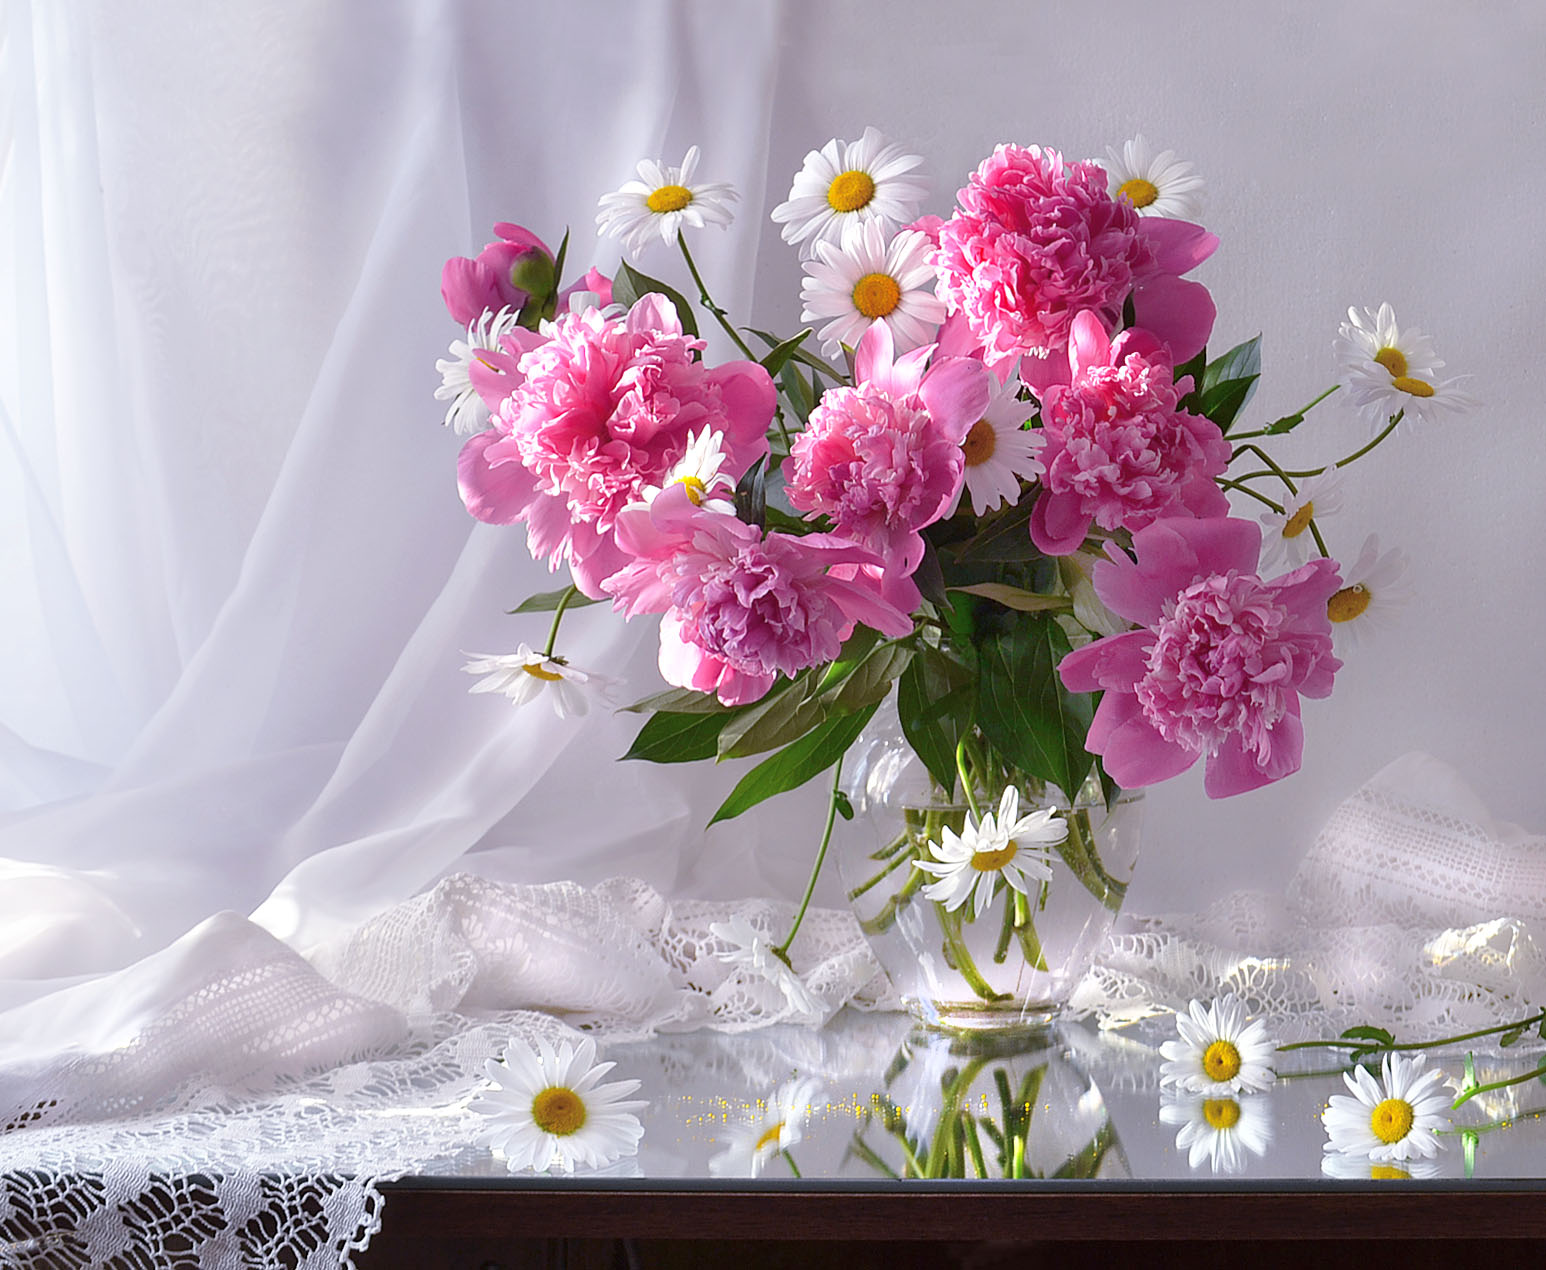 still life, натюрморт, лето, июнь, цветы, пионы, ромашки, зеркало, отражение, Колова Валентина